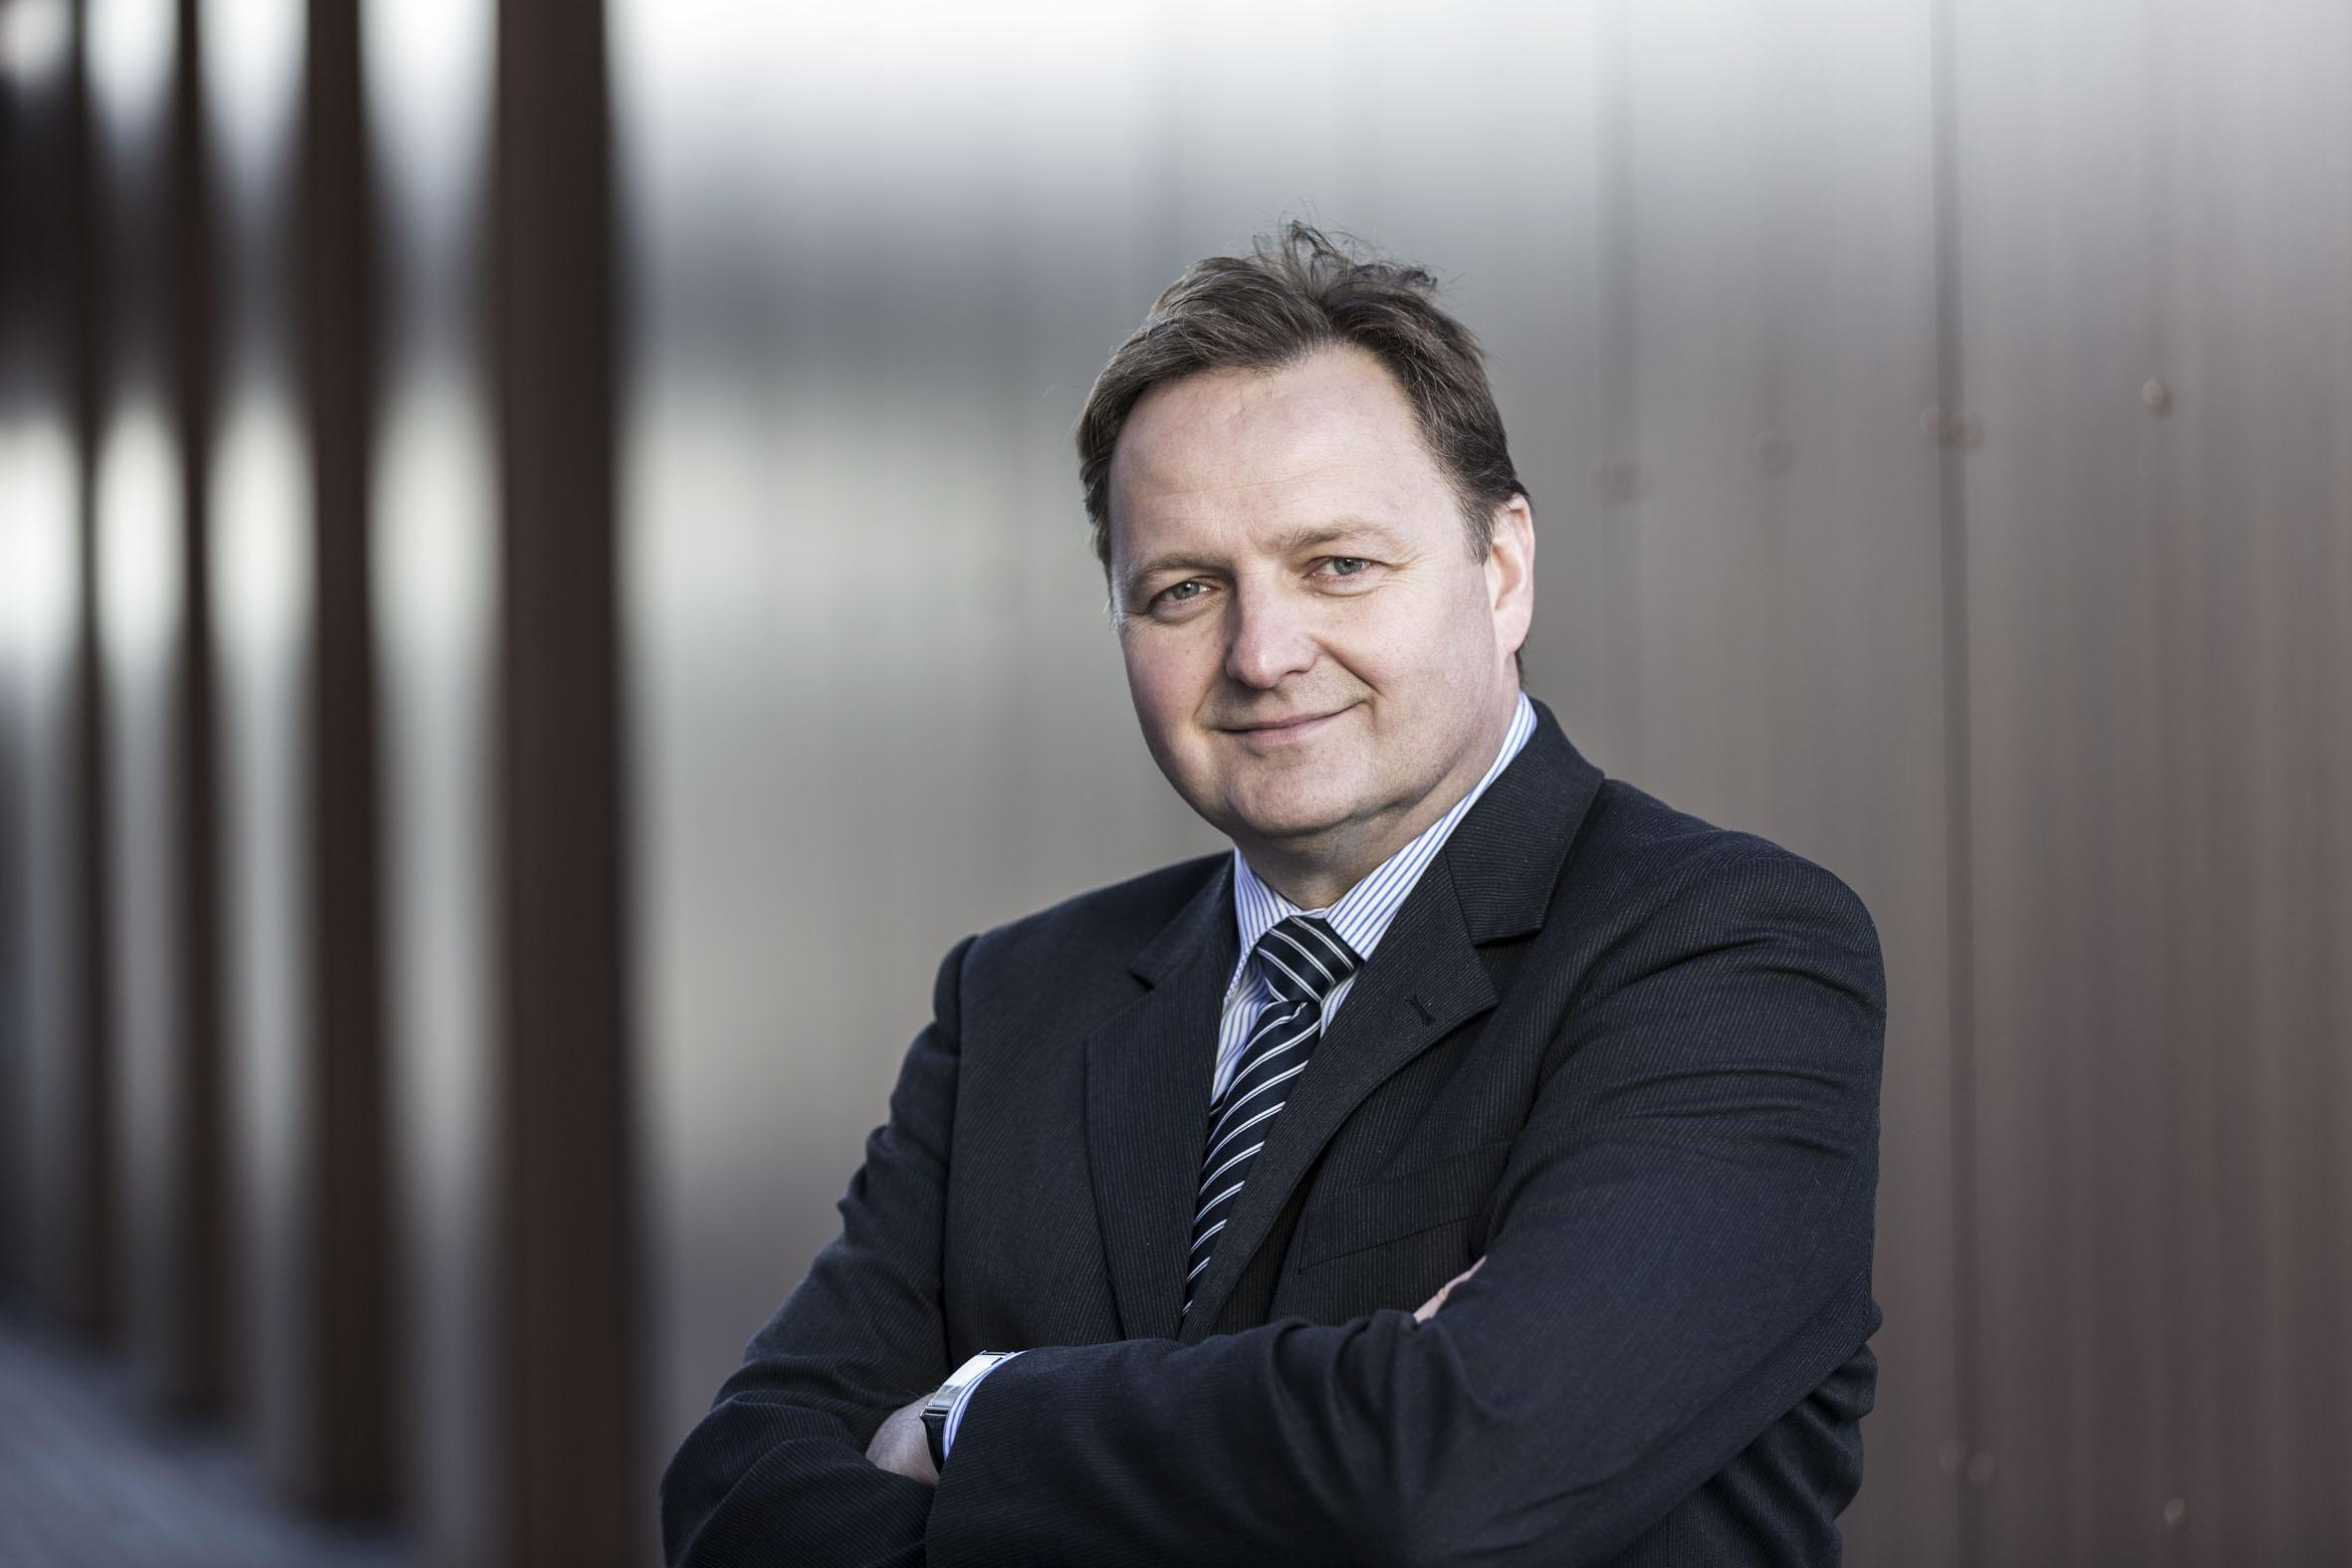 Jürgen Böhm ist Bundesvorsitzender des Verbandes Deutscher Realschullehrer. Foto: eads/Digitales Bildungsnetz Bayern